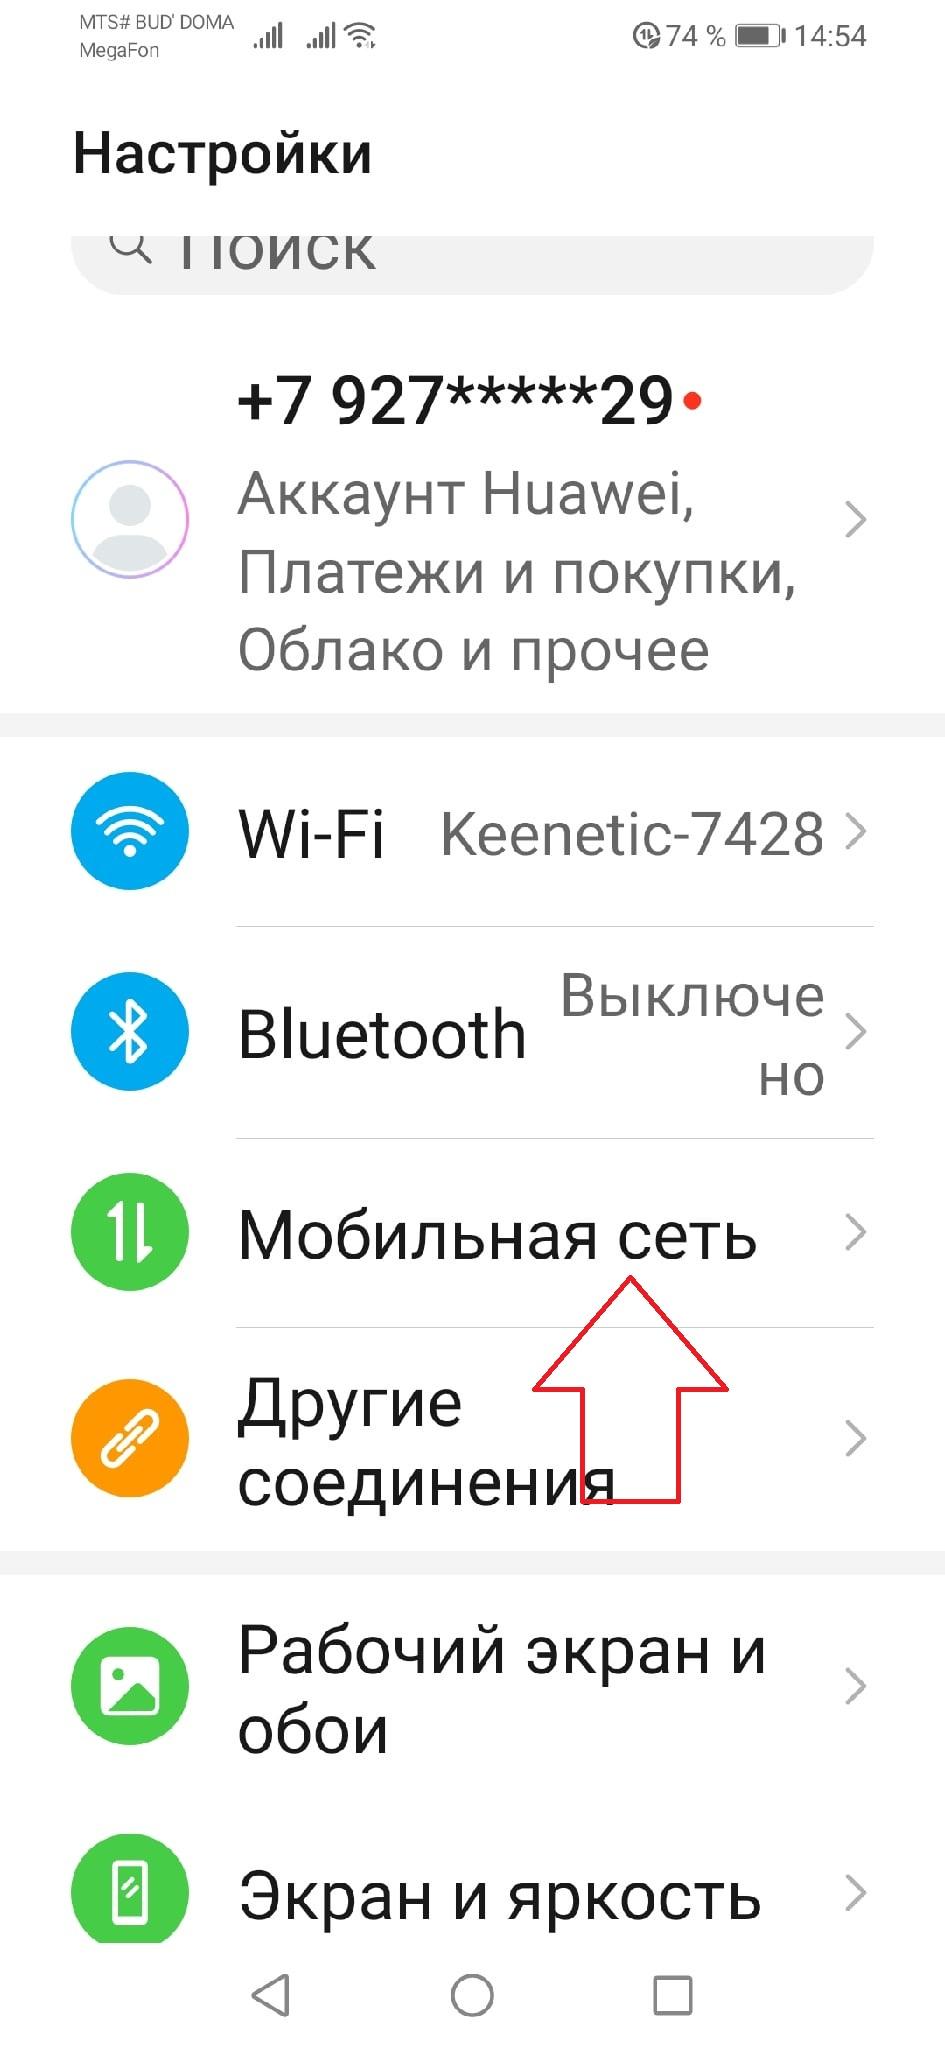 Как раздать интернет с Honor, Huawei: пошаговая инструкция с фото